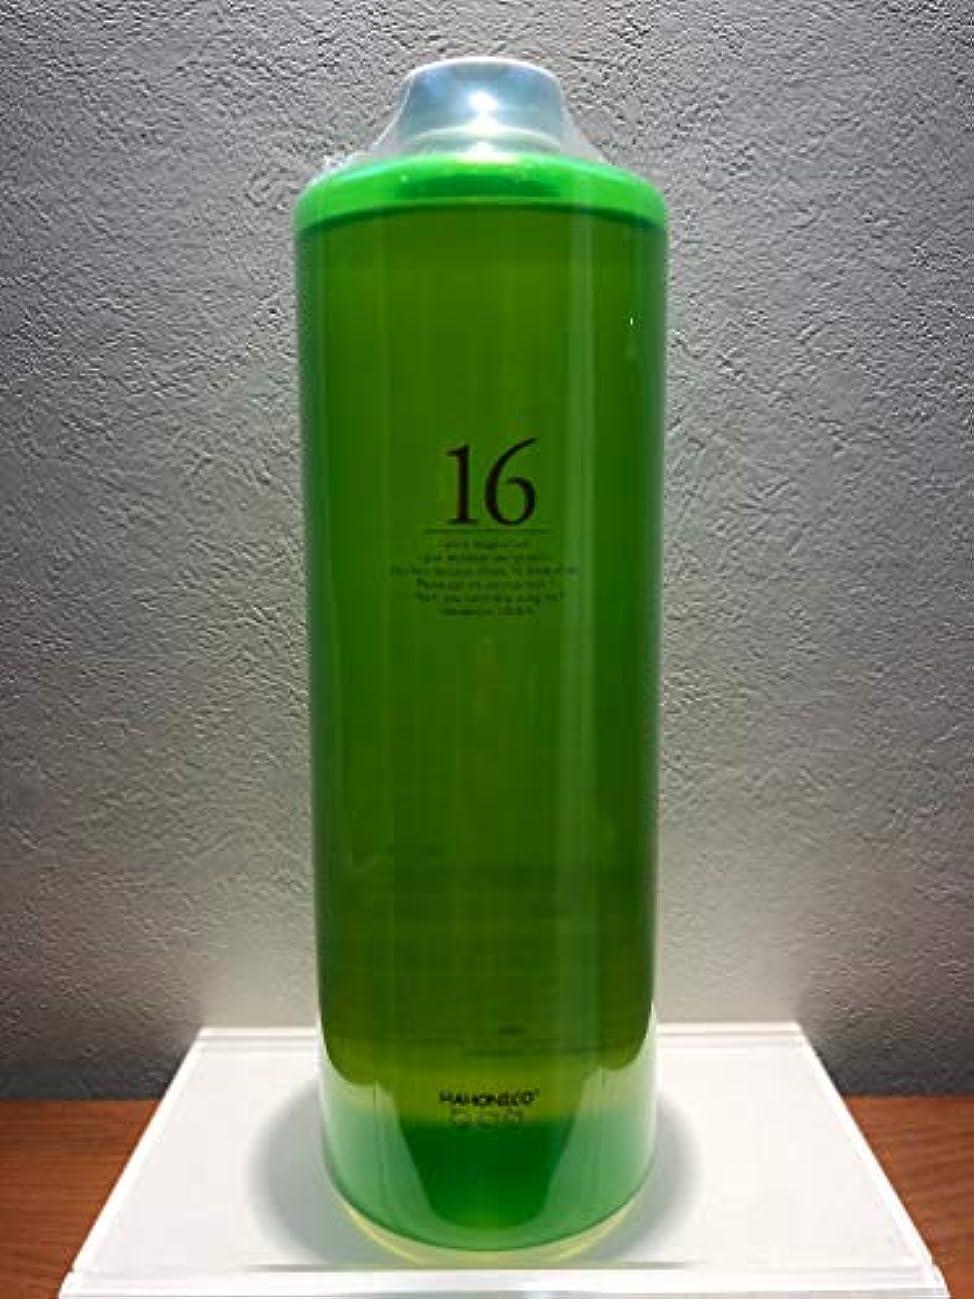 解凍する、雪解け、霜解けより平らなラップトップハホニコ 十六油 ジュウロクユ 1000ml